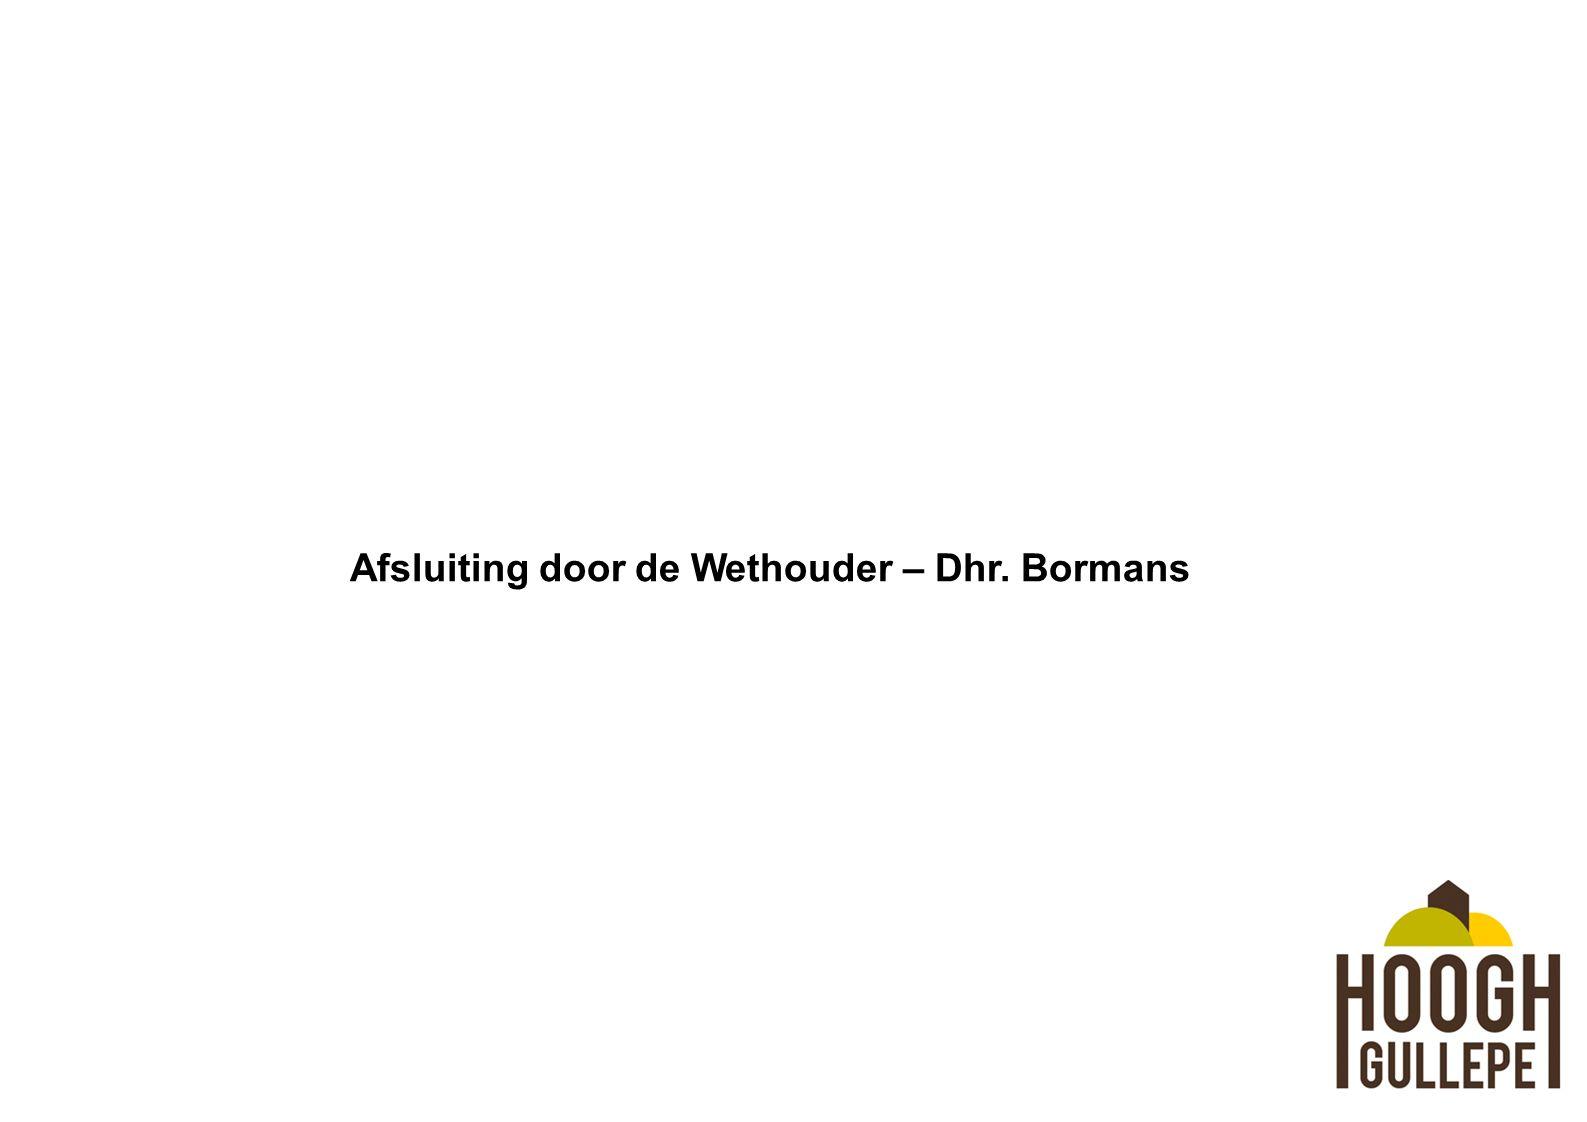 Afsluiting door de Wethouder – Dhr. Bormans